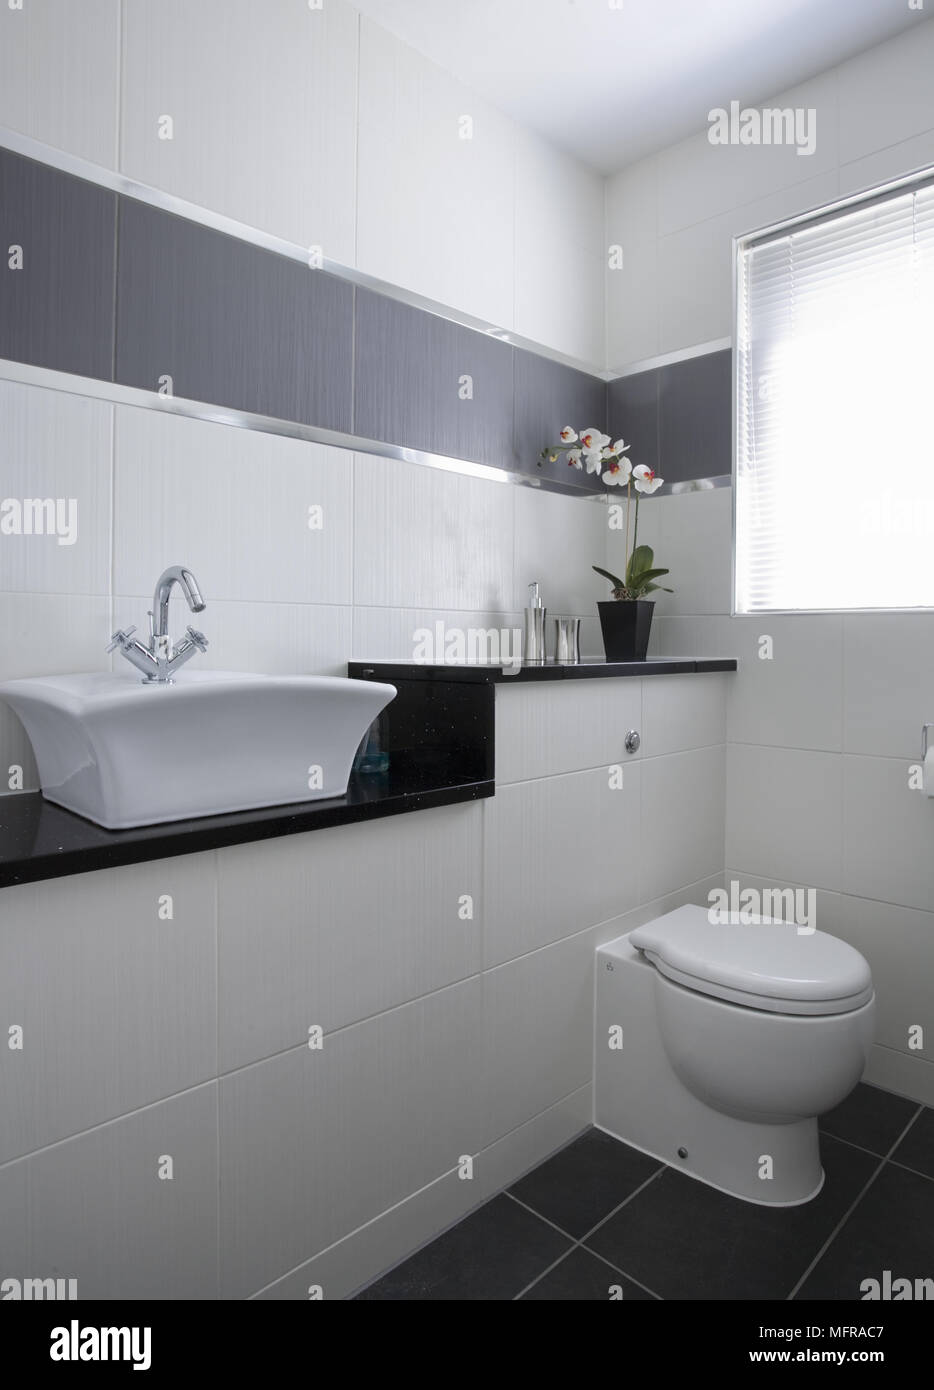 Waschbecken Auf Der Einheit Neben Dem Niedrigen Niveau Wc Mit